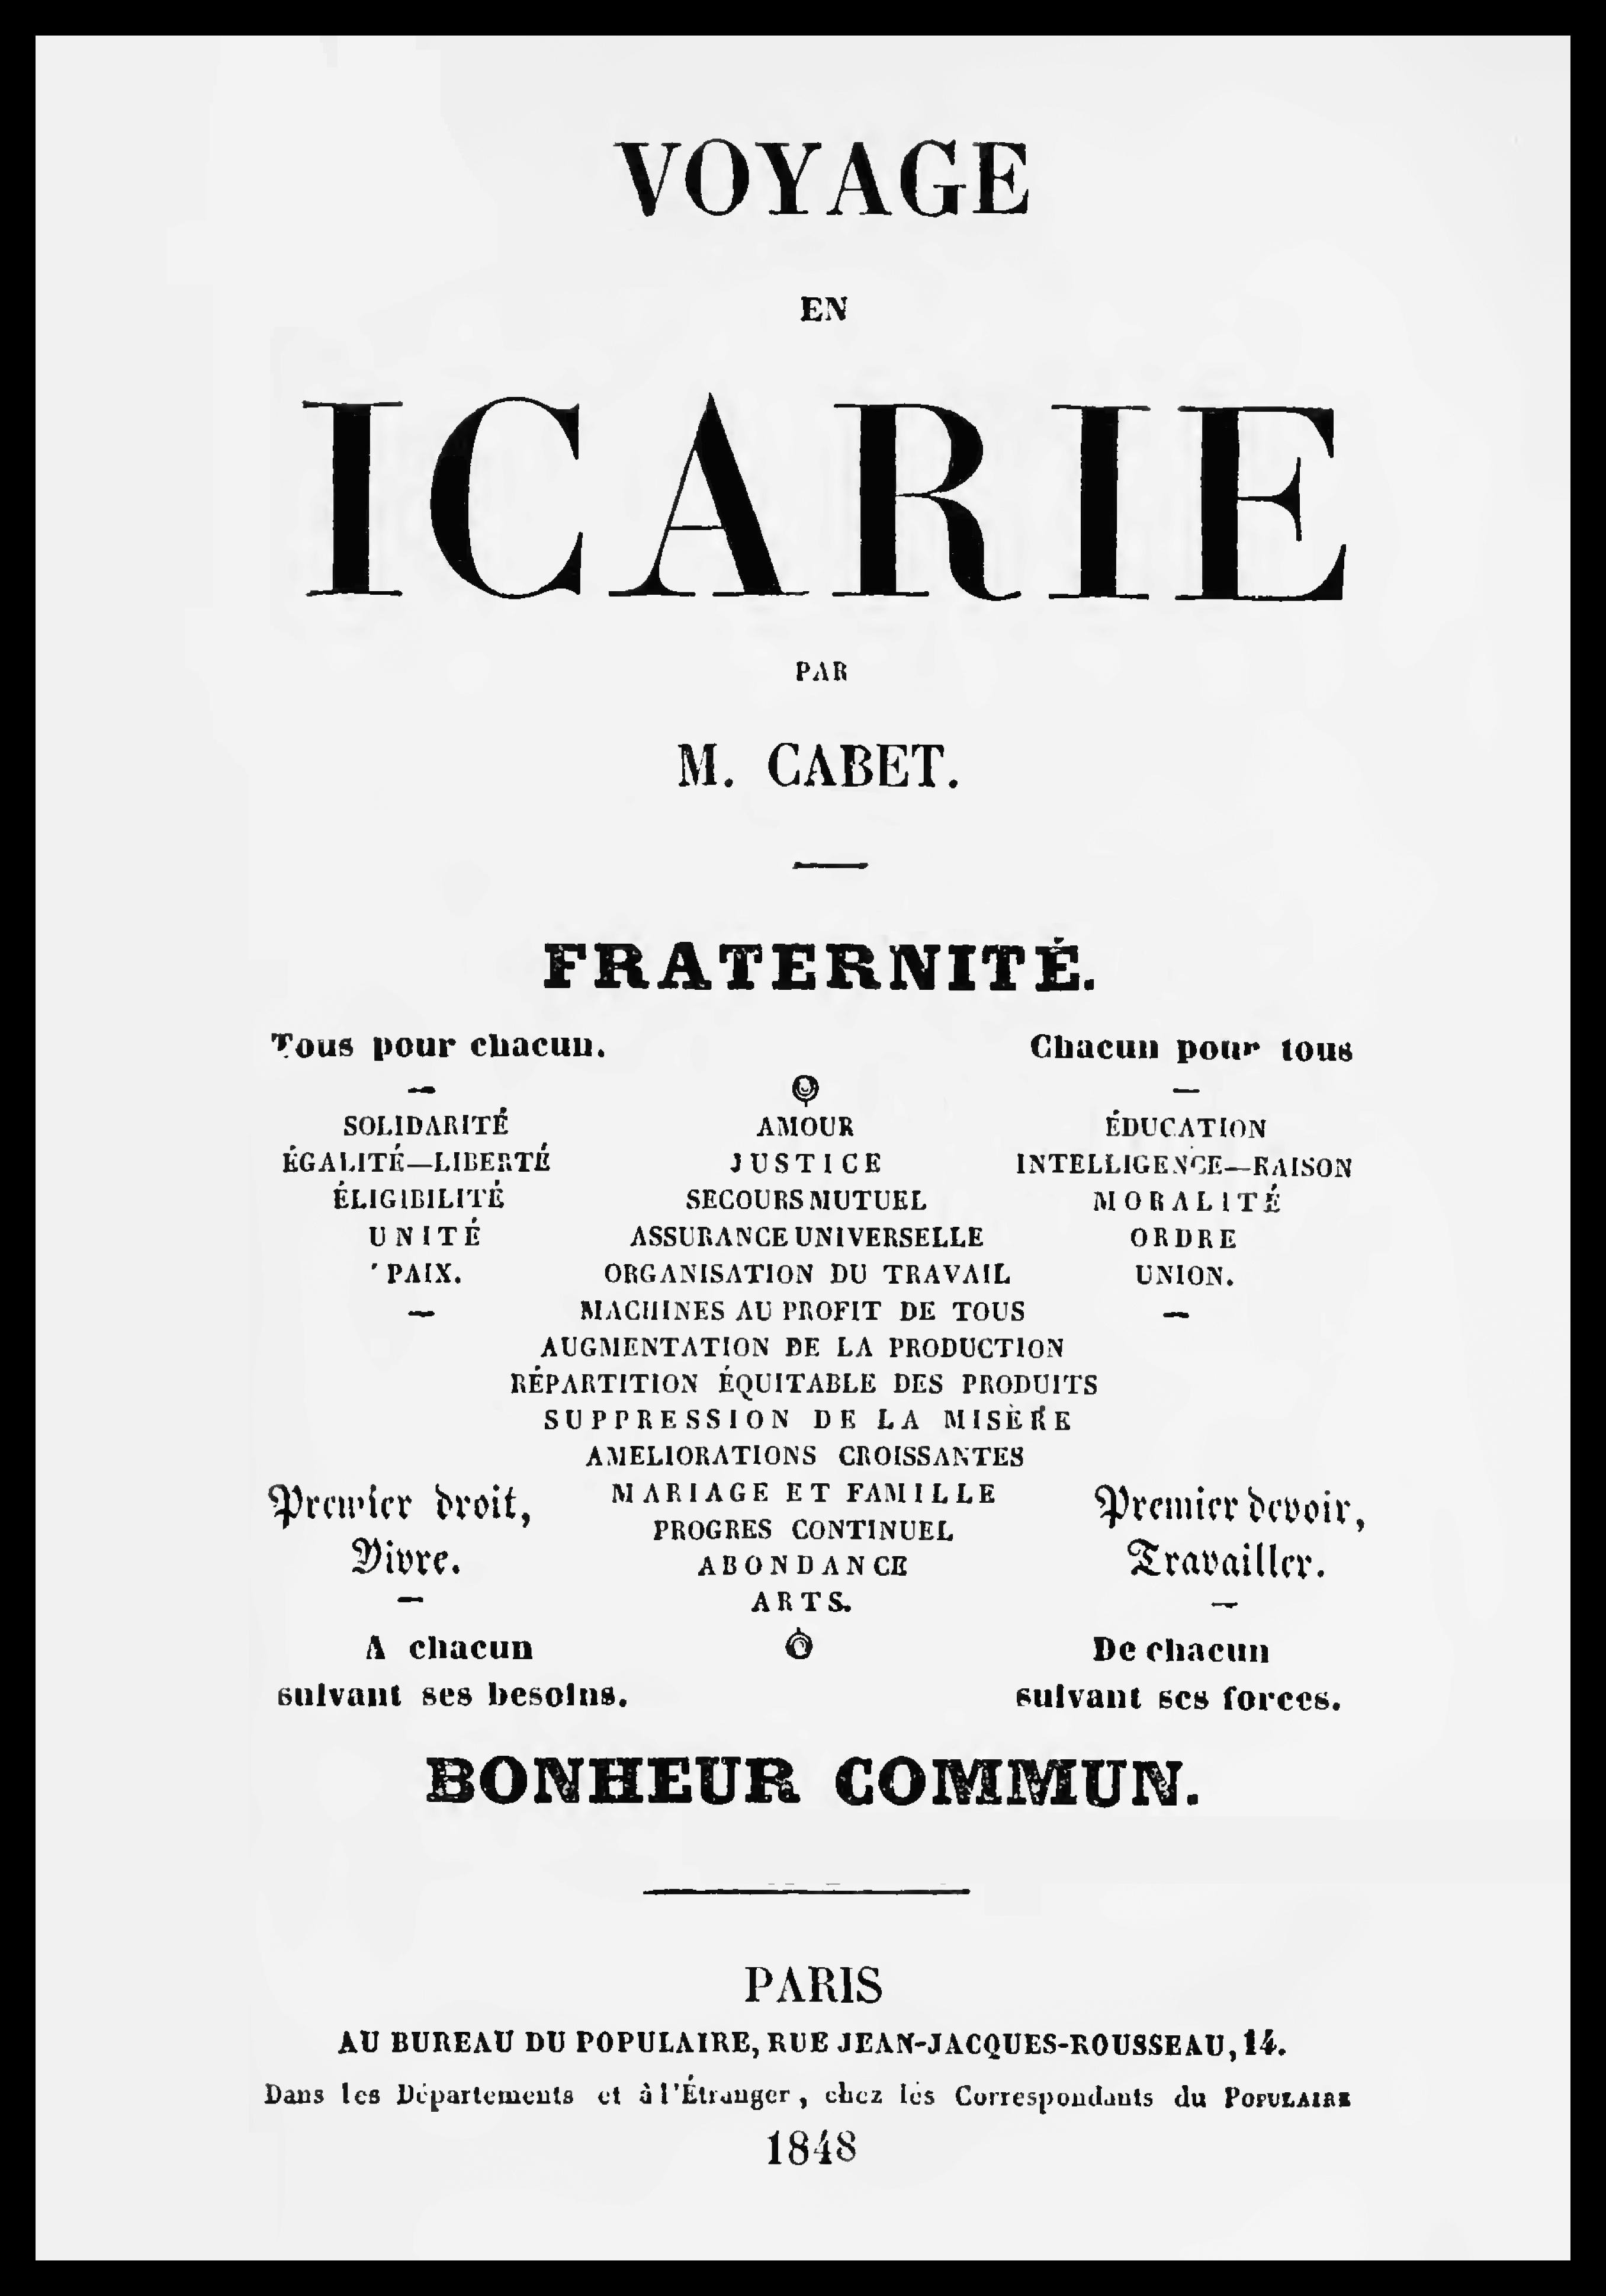 https://upload.wikimedia.org/wikipedia/en/d/d1/Voyage-en-Icarie-1848.jpg